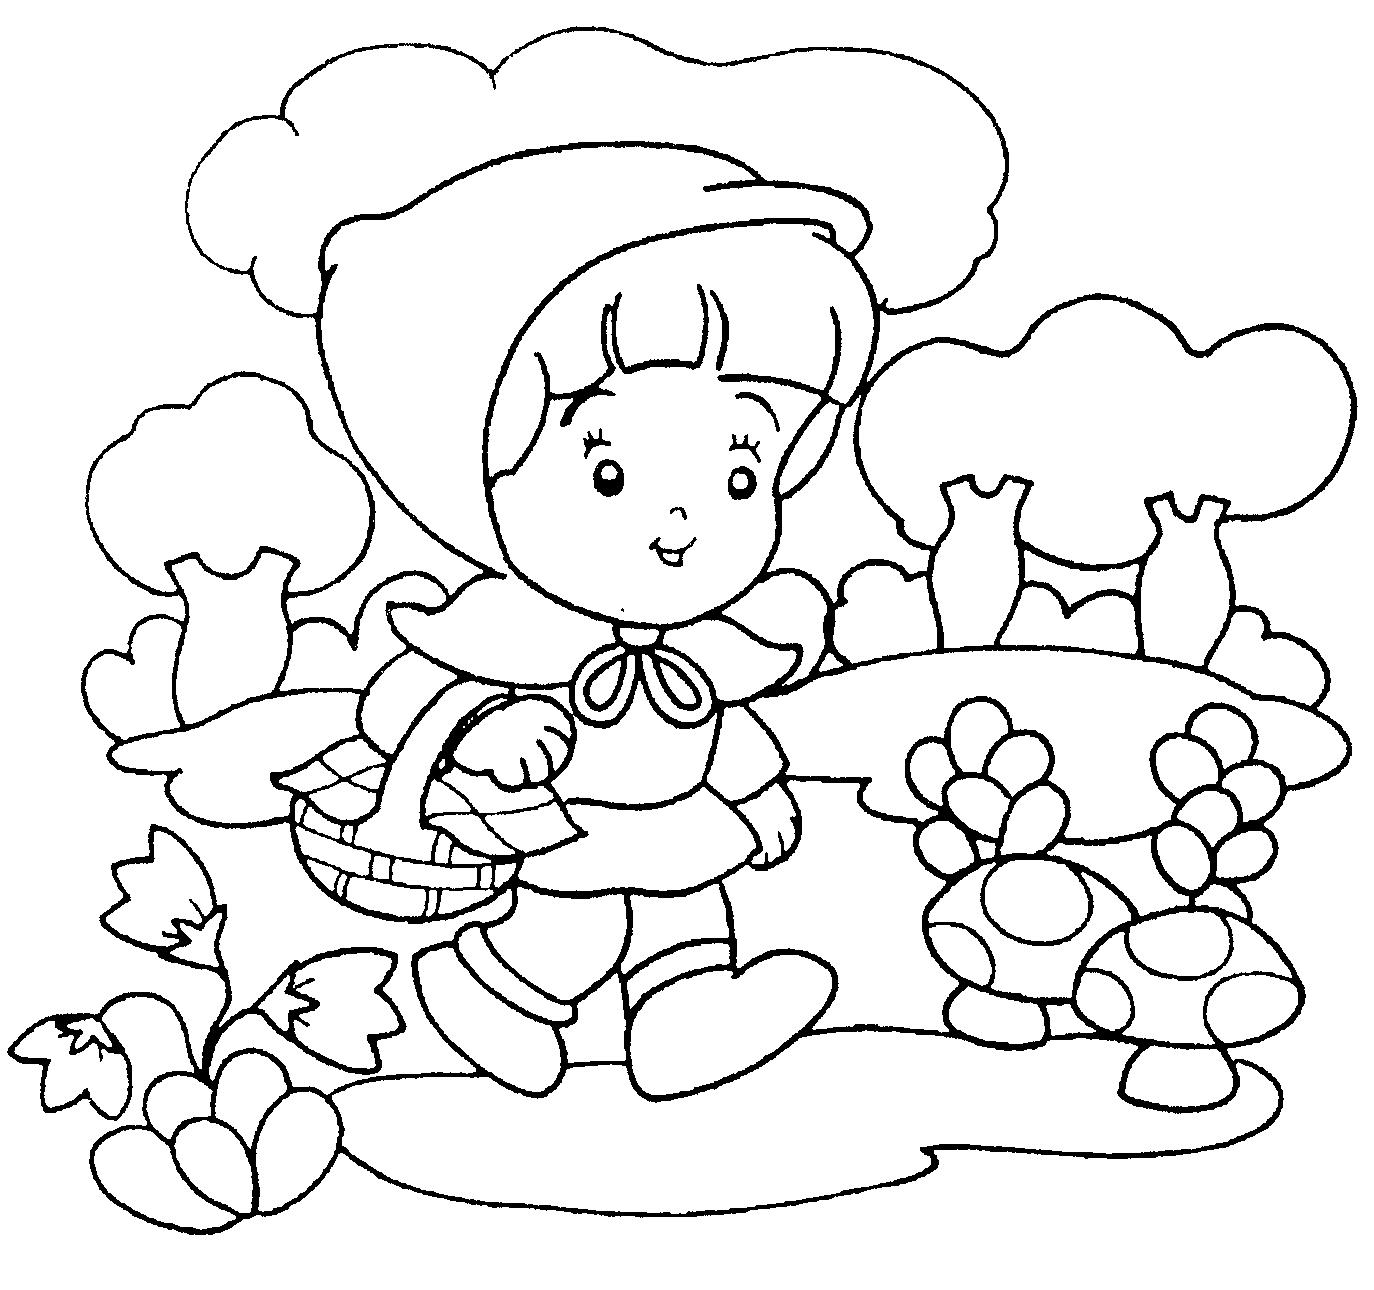 Desenhos Para Colorir Chapeuzinho Vermelho E Lobo Mau – Pampekids Net